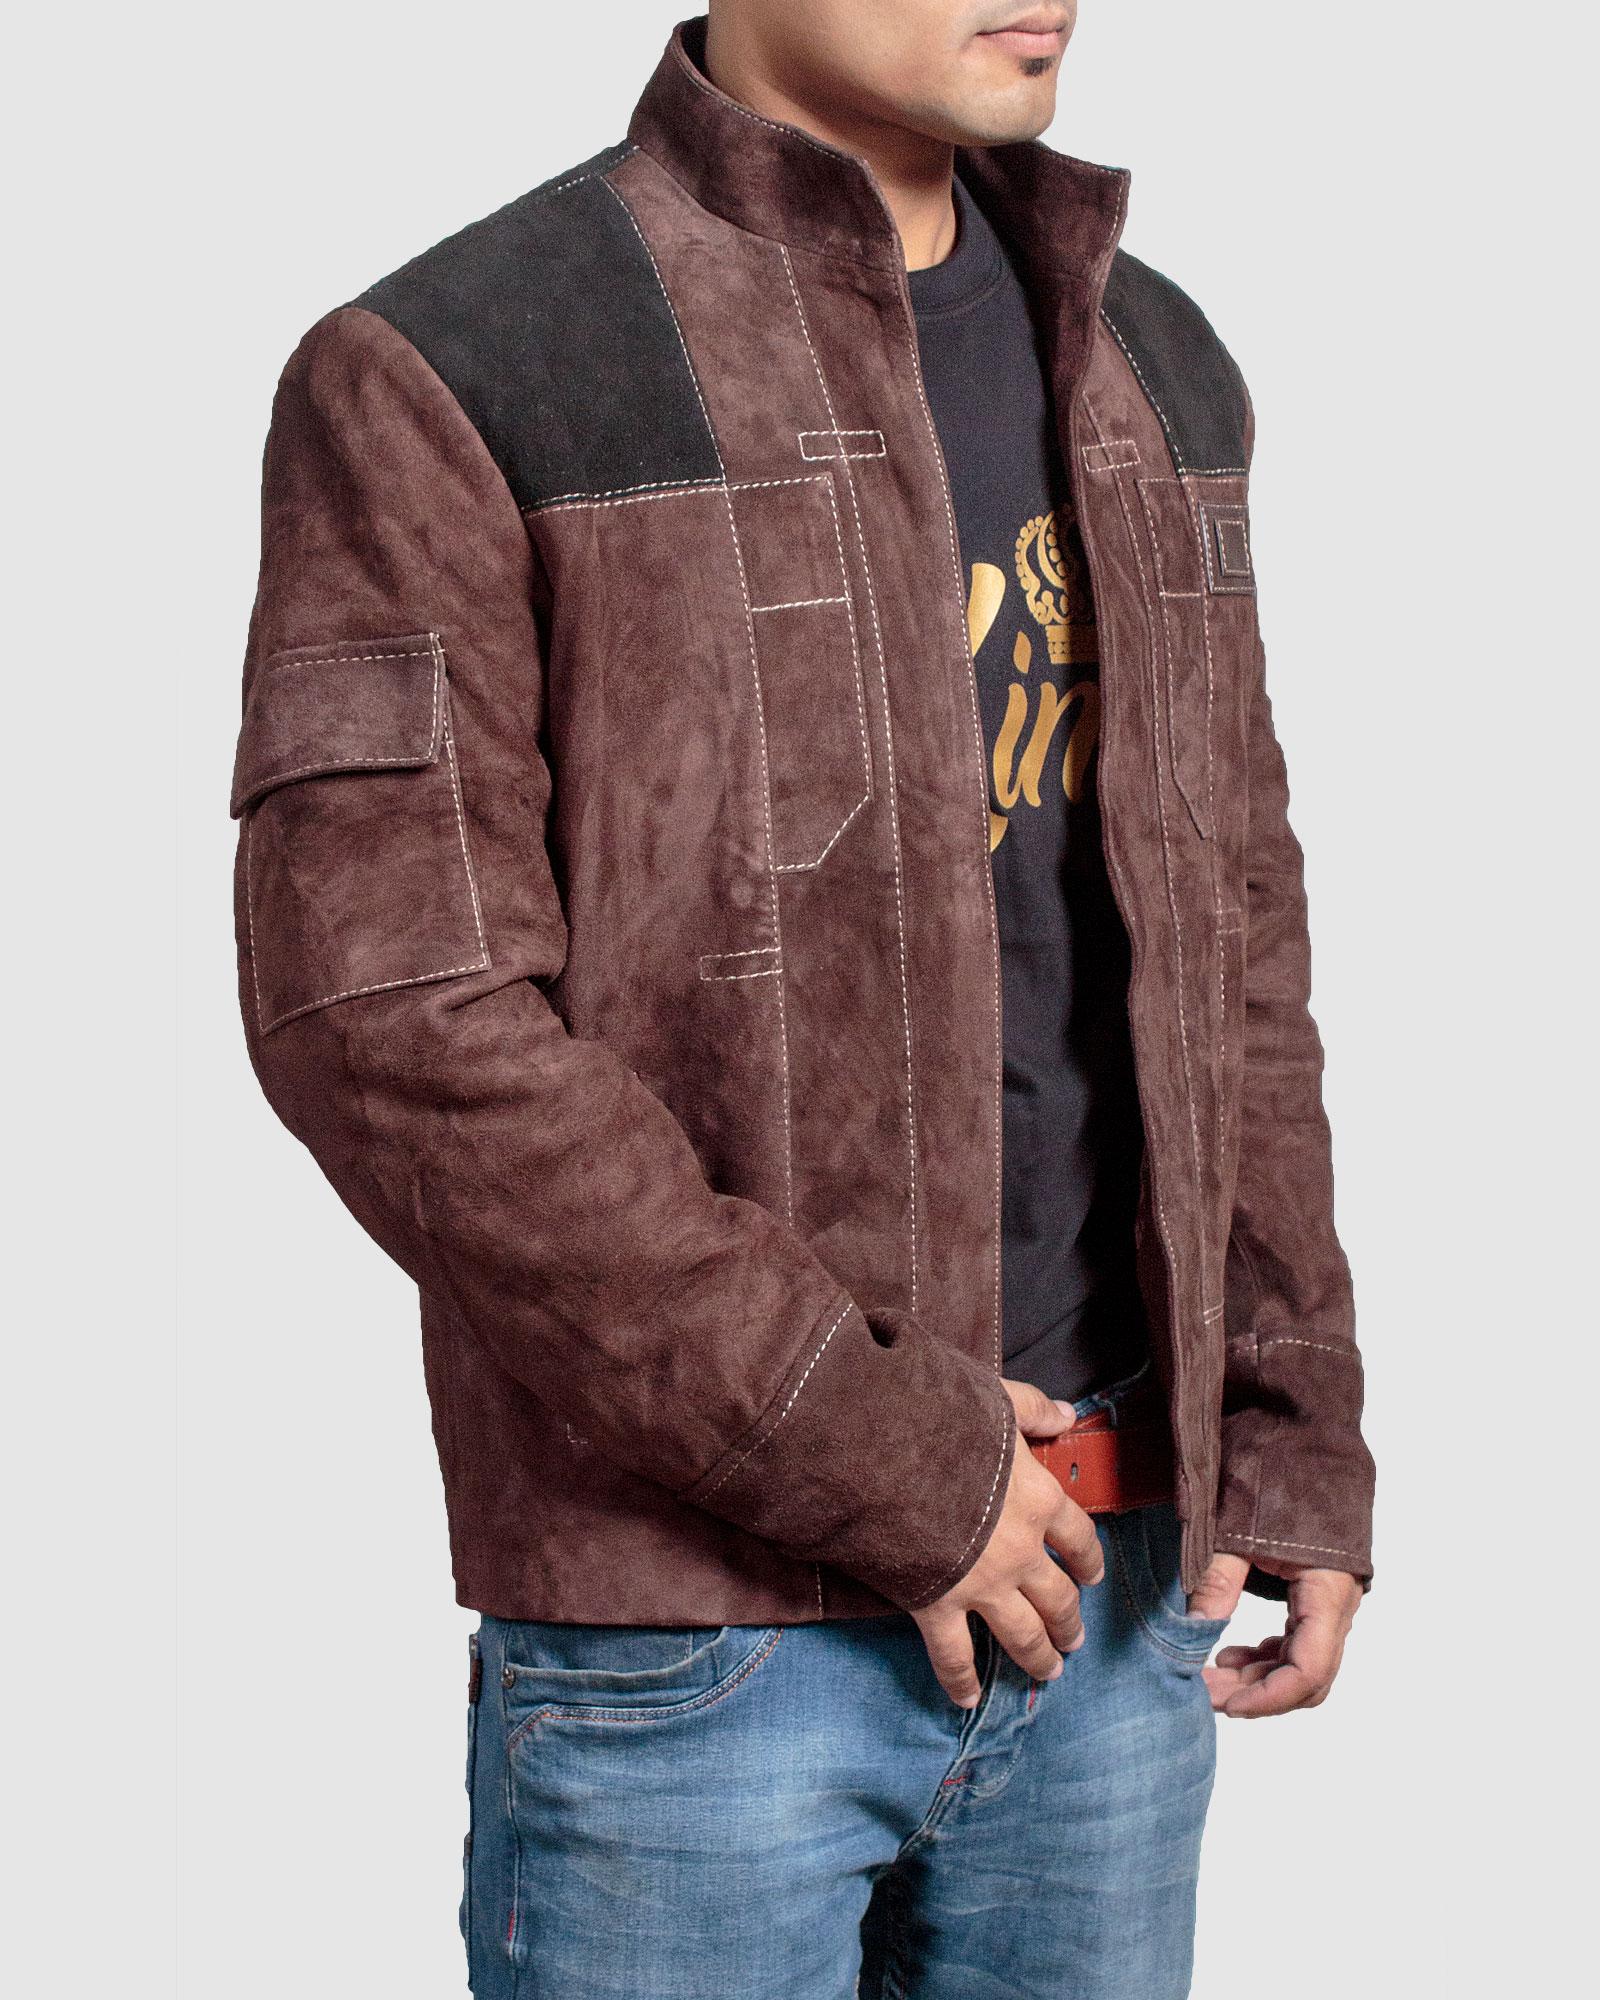 han-solo-jacket-a-star-wars-story-alden-ehrenreich-jacket-b